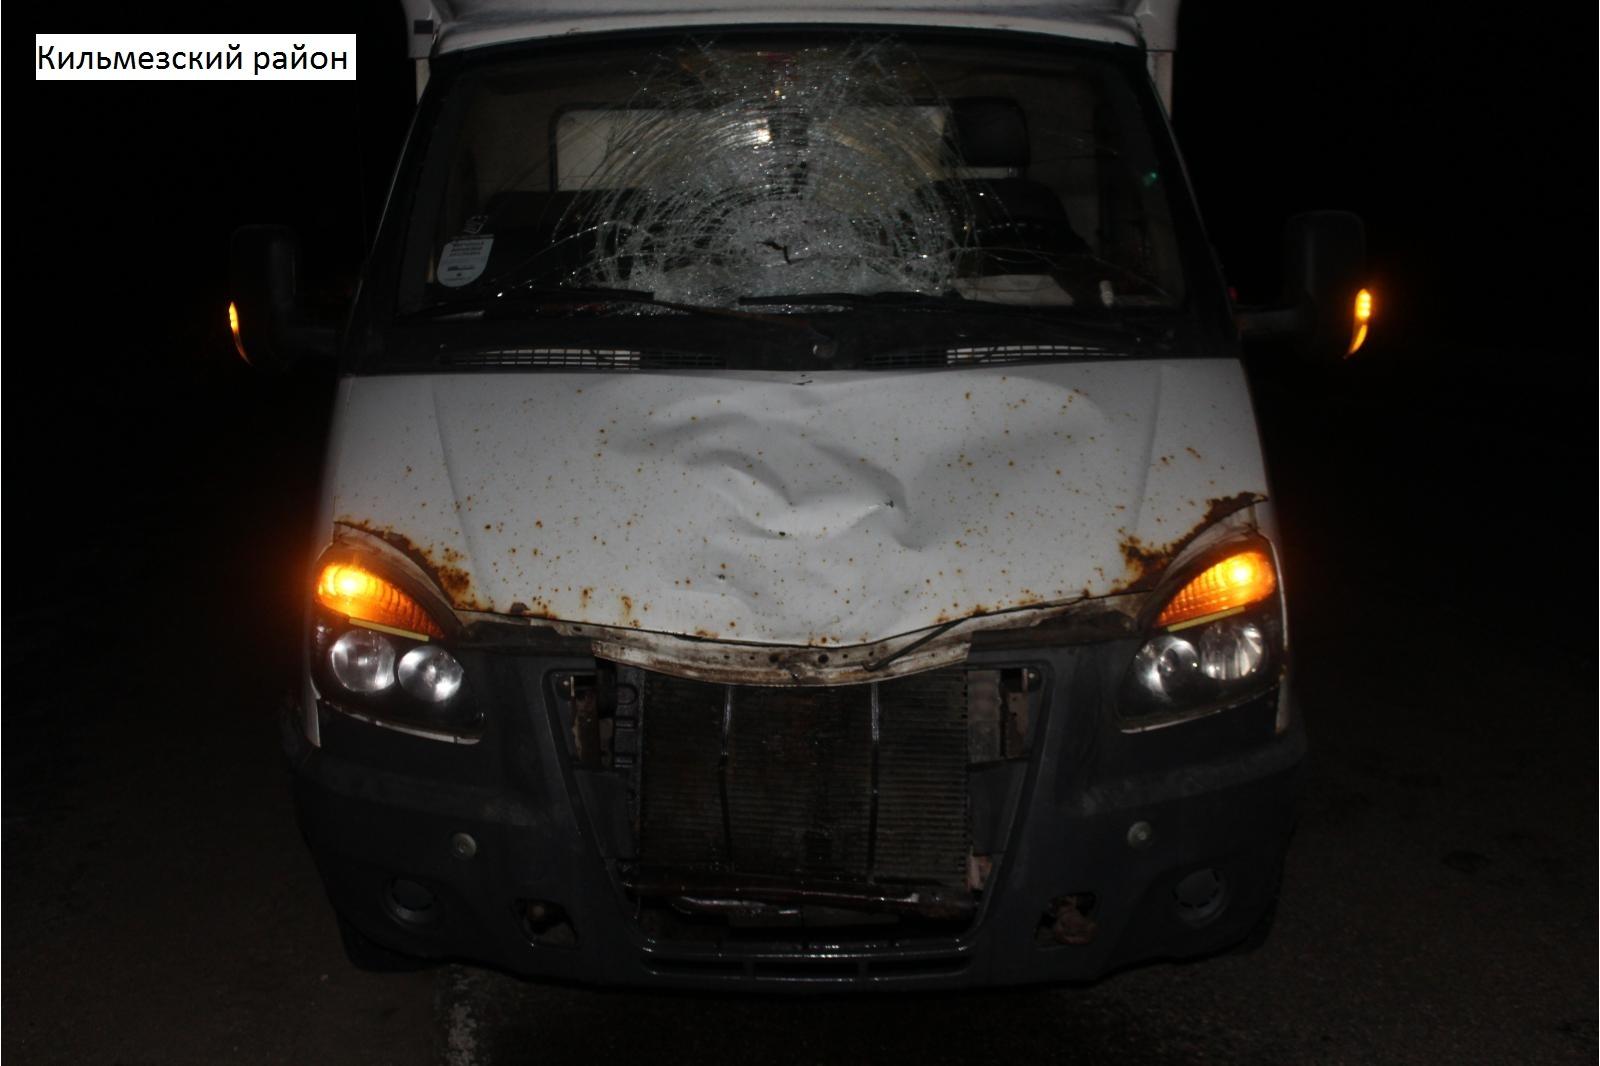 В Кильмезском районе водитель грузовика насмерть сбил пешехода.